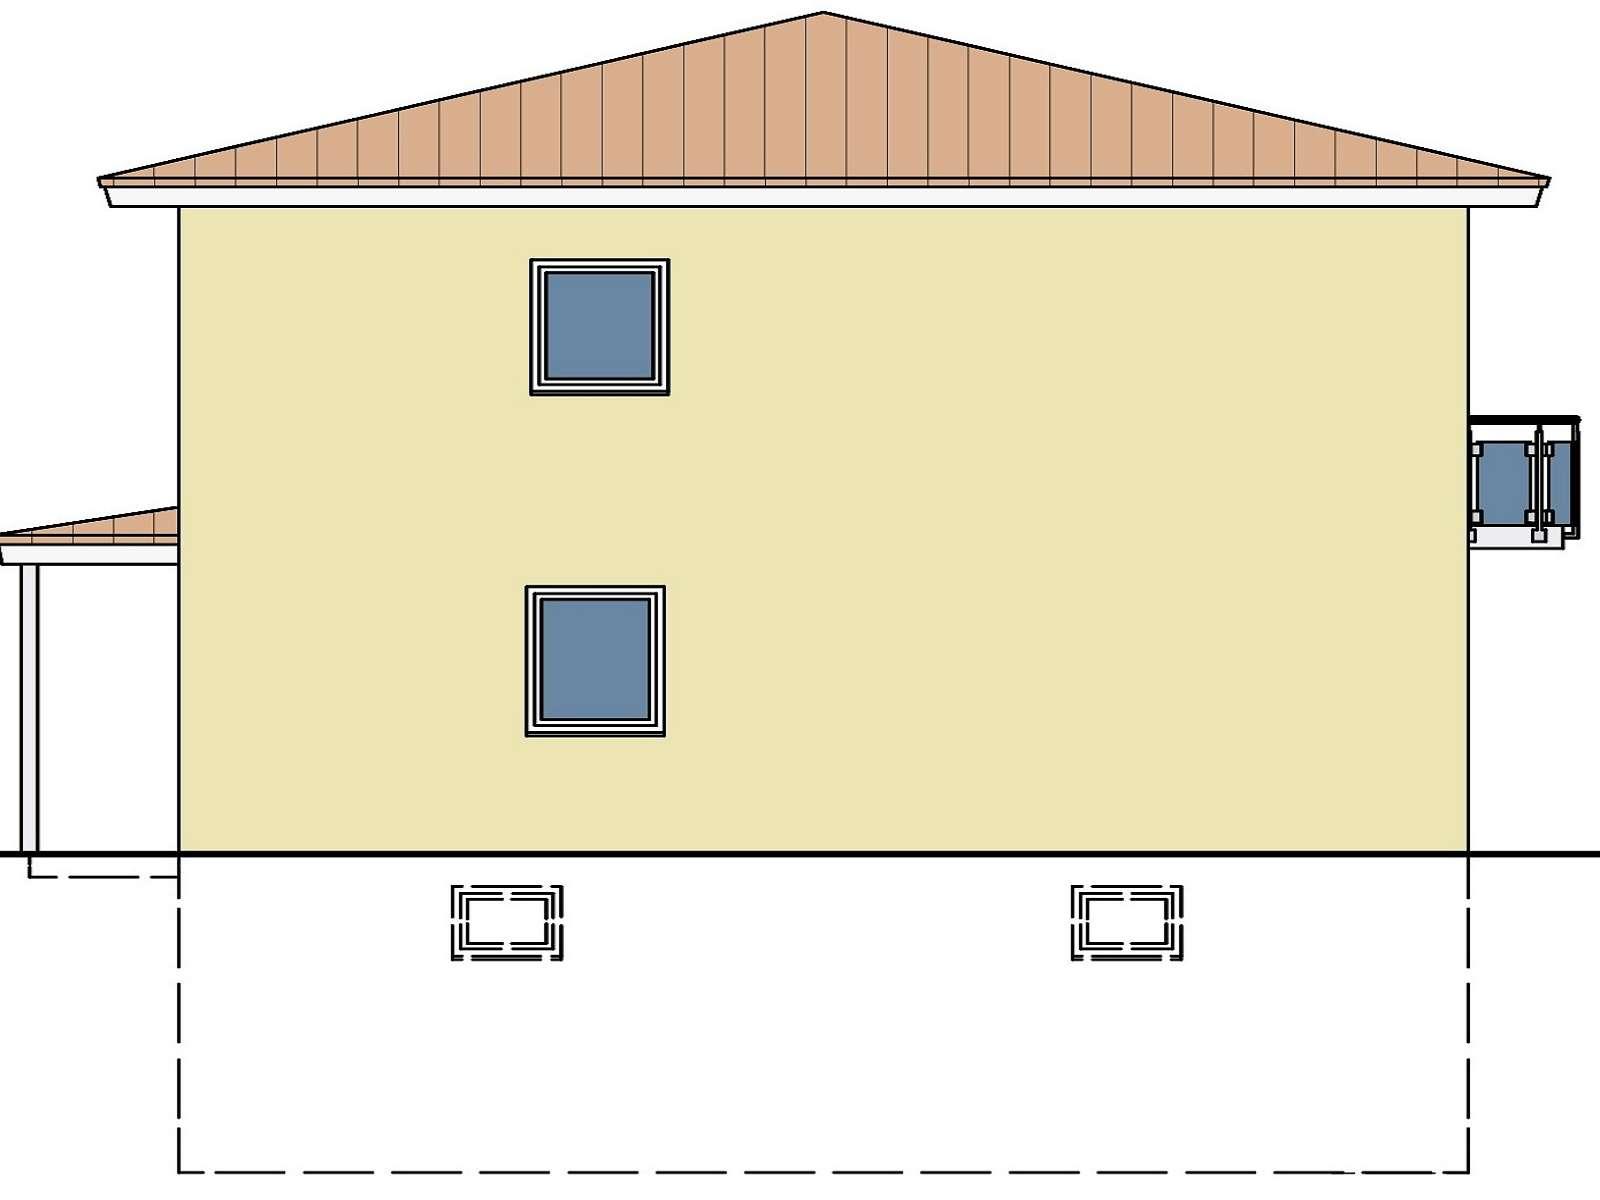 k-Ansicht 2